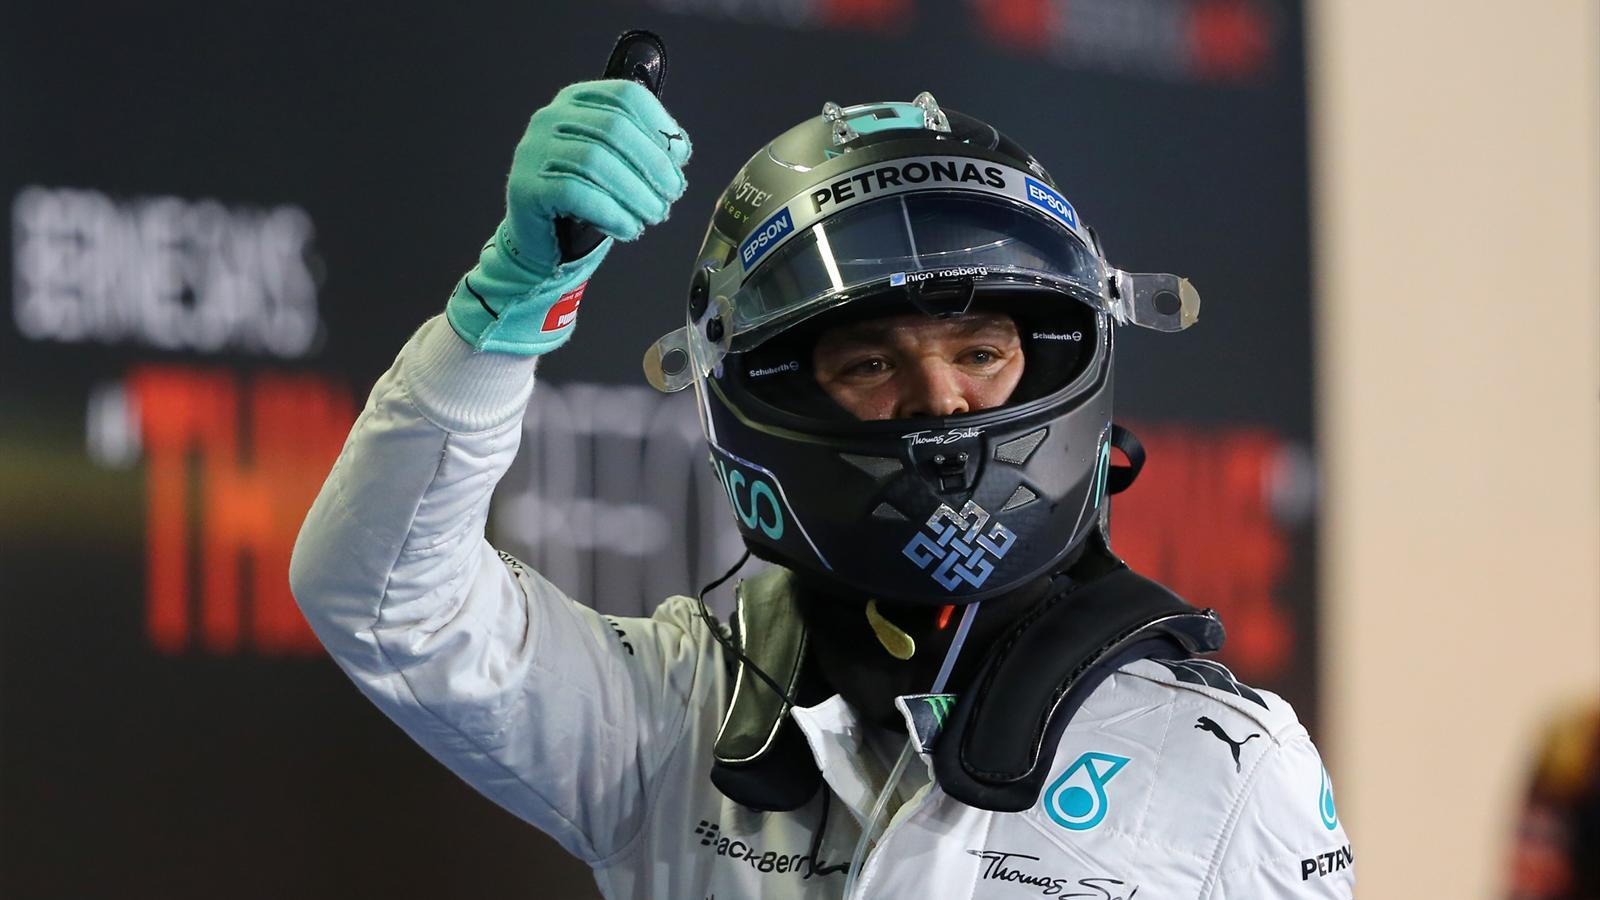 Nico Rosberg (Mercedes) a décroché la pole position du Grand Prix d'Abou Dabi 2015